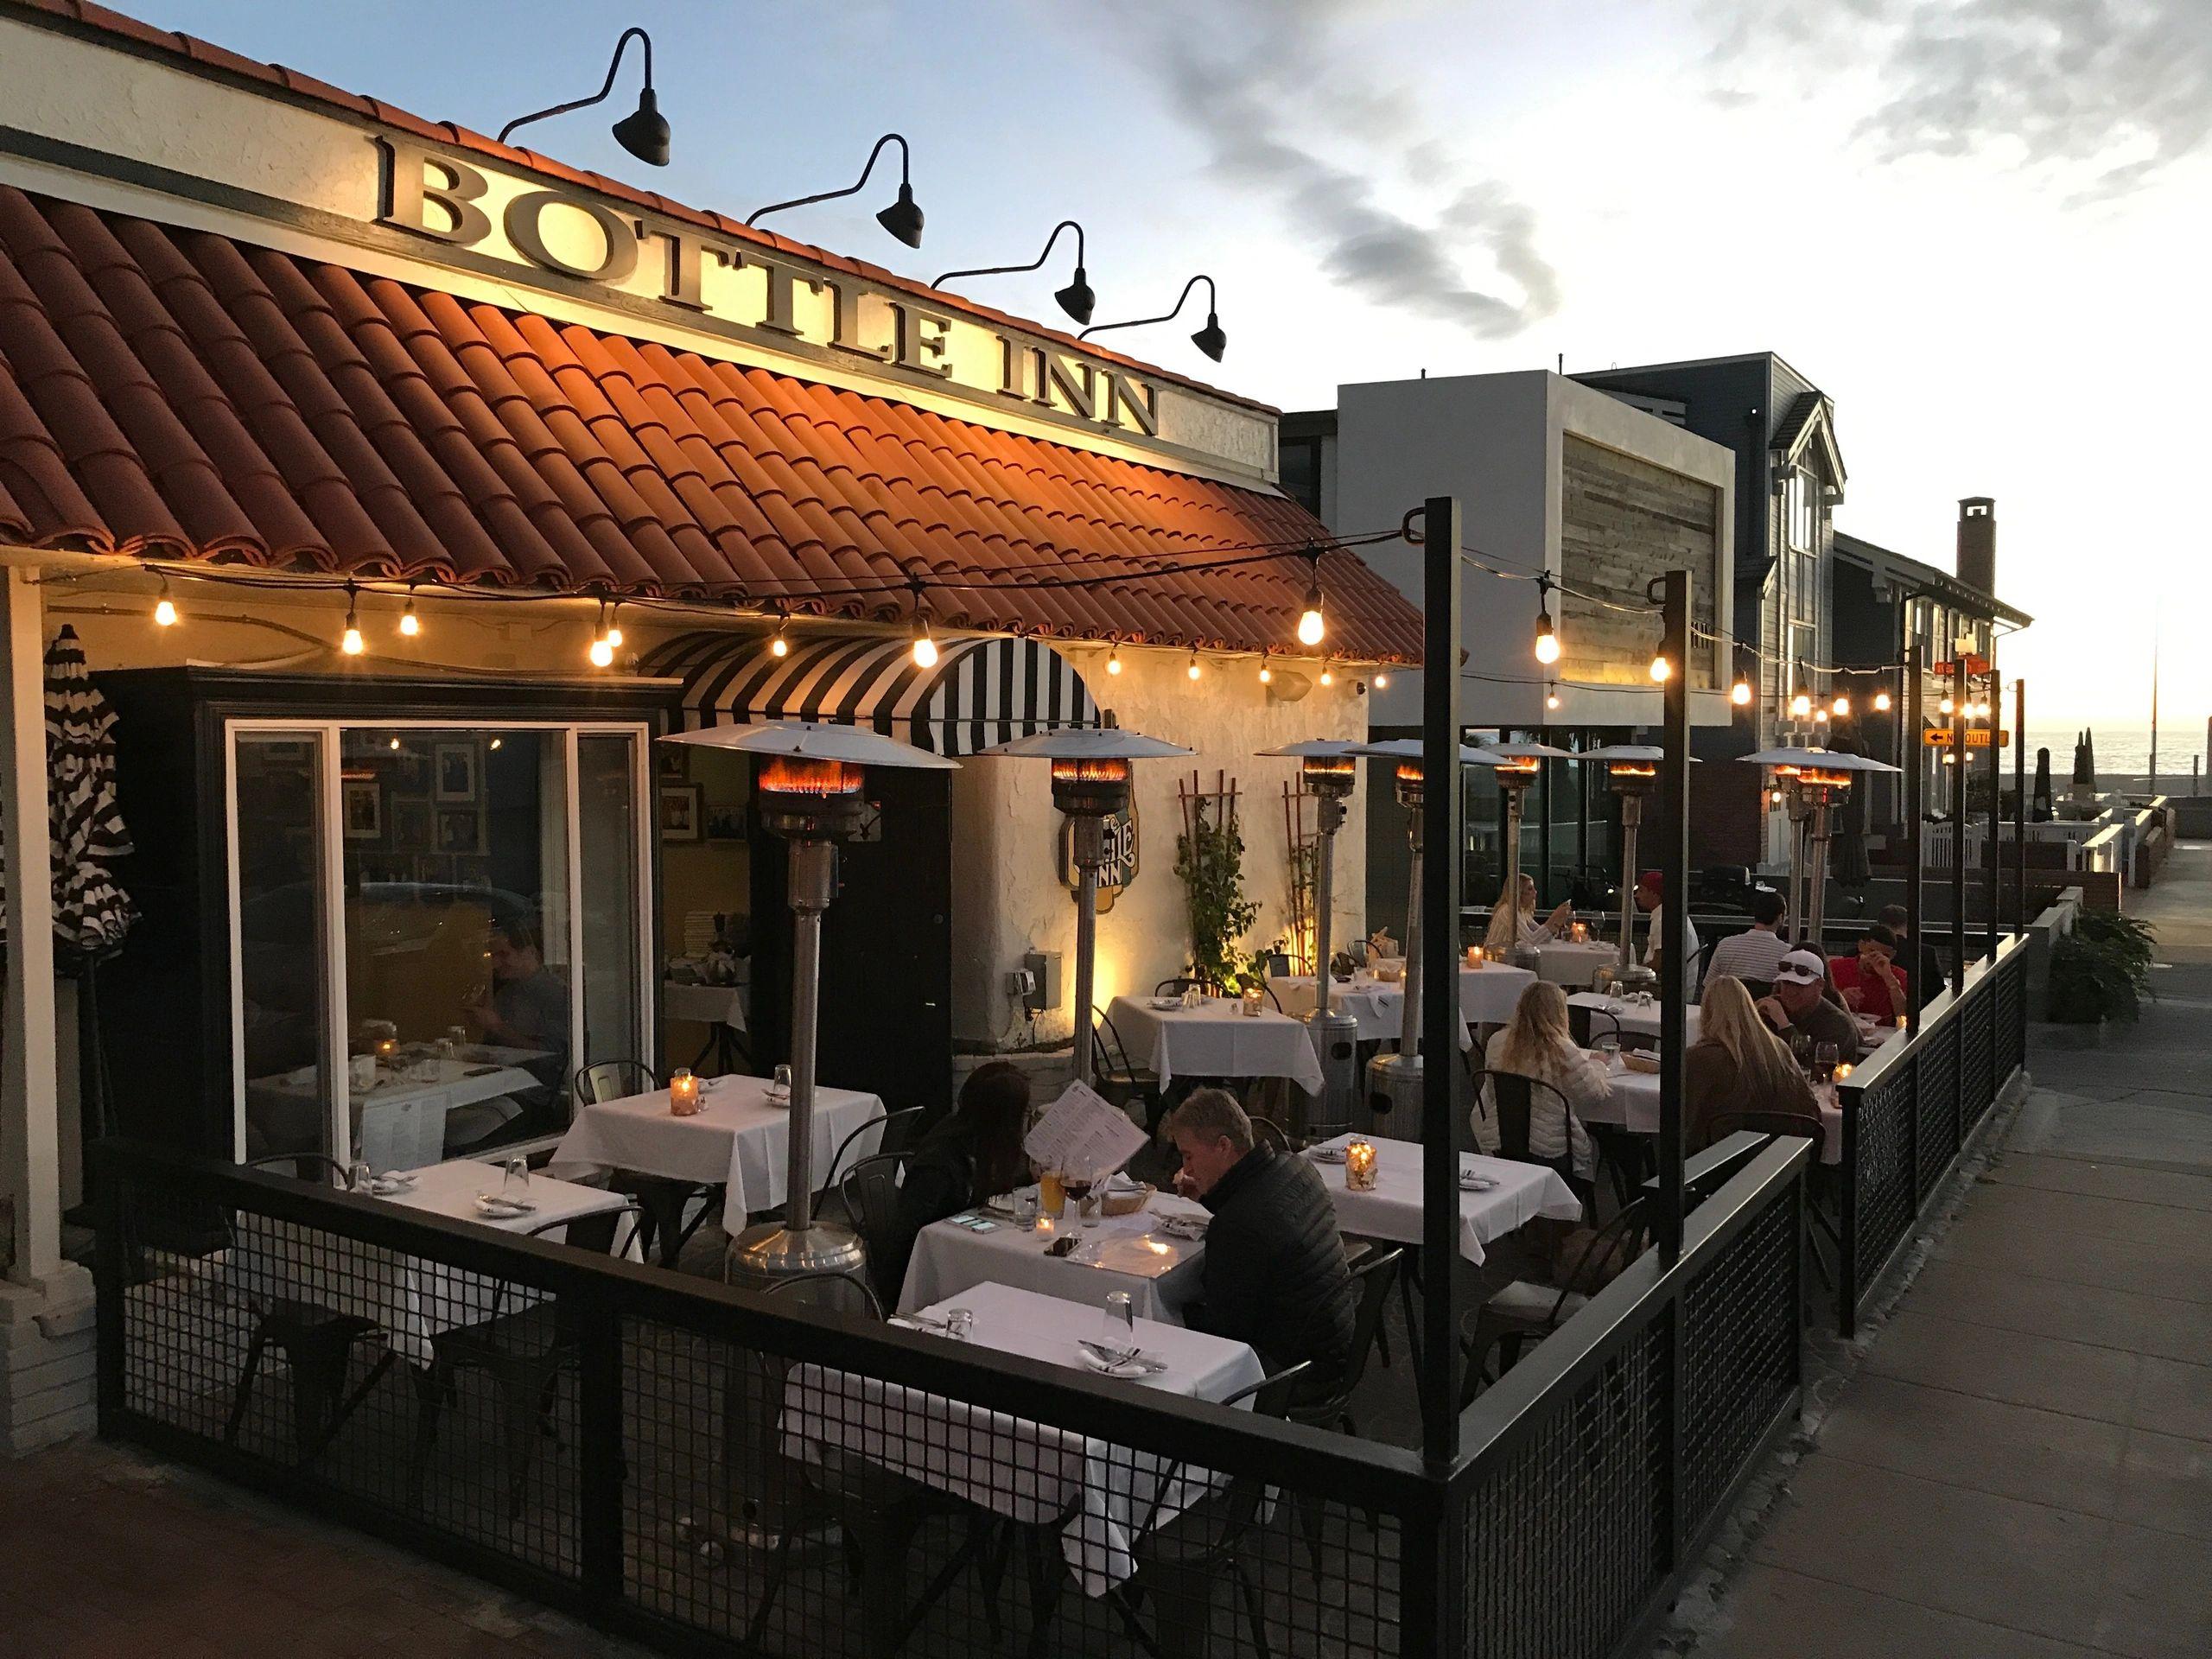 The Bottle Inn Hermosa Italian Restaurant Hermosa Beach